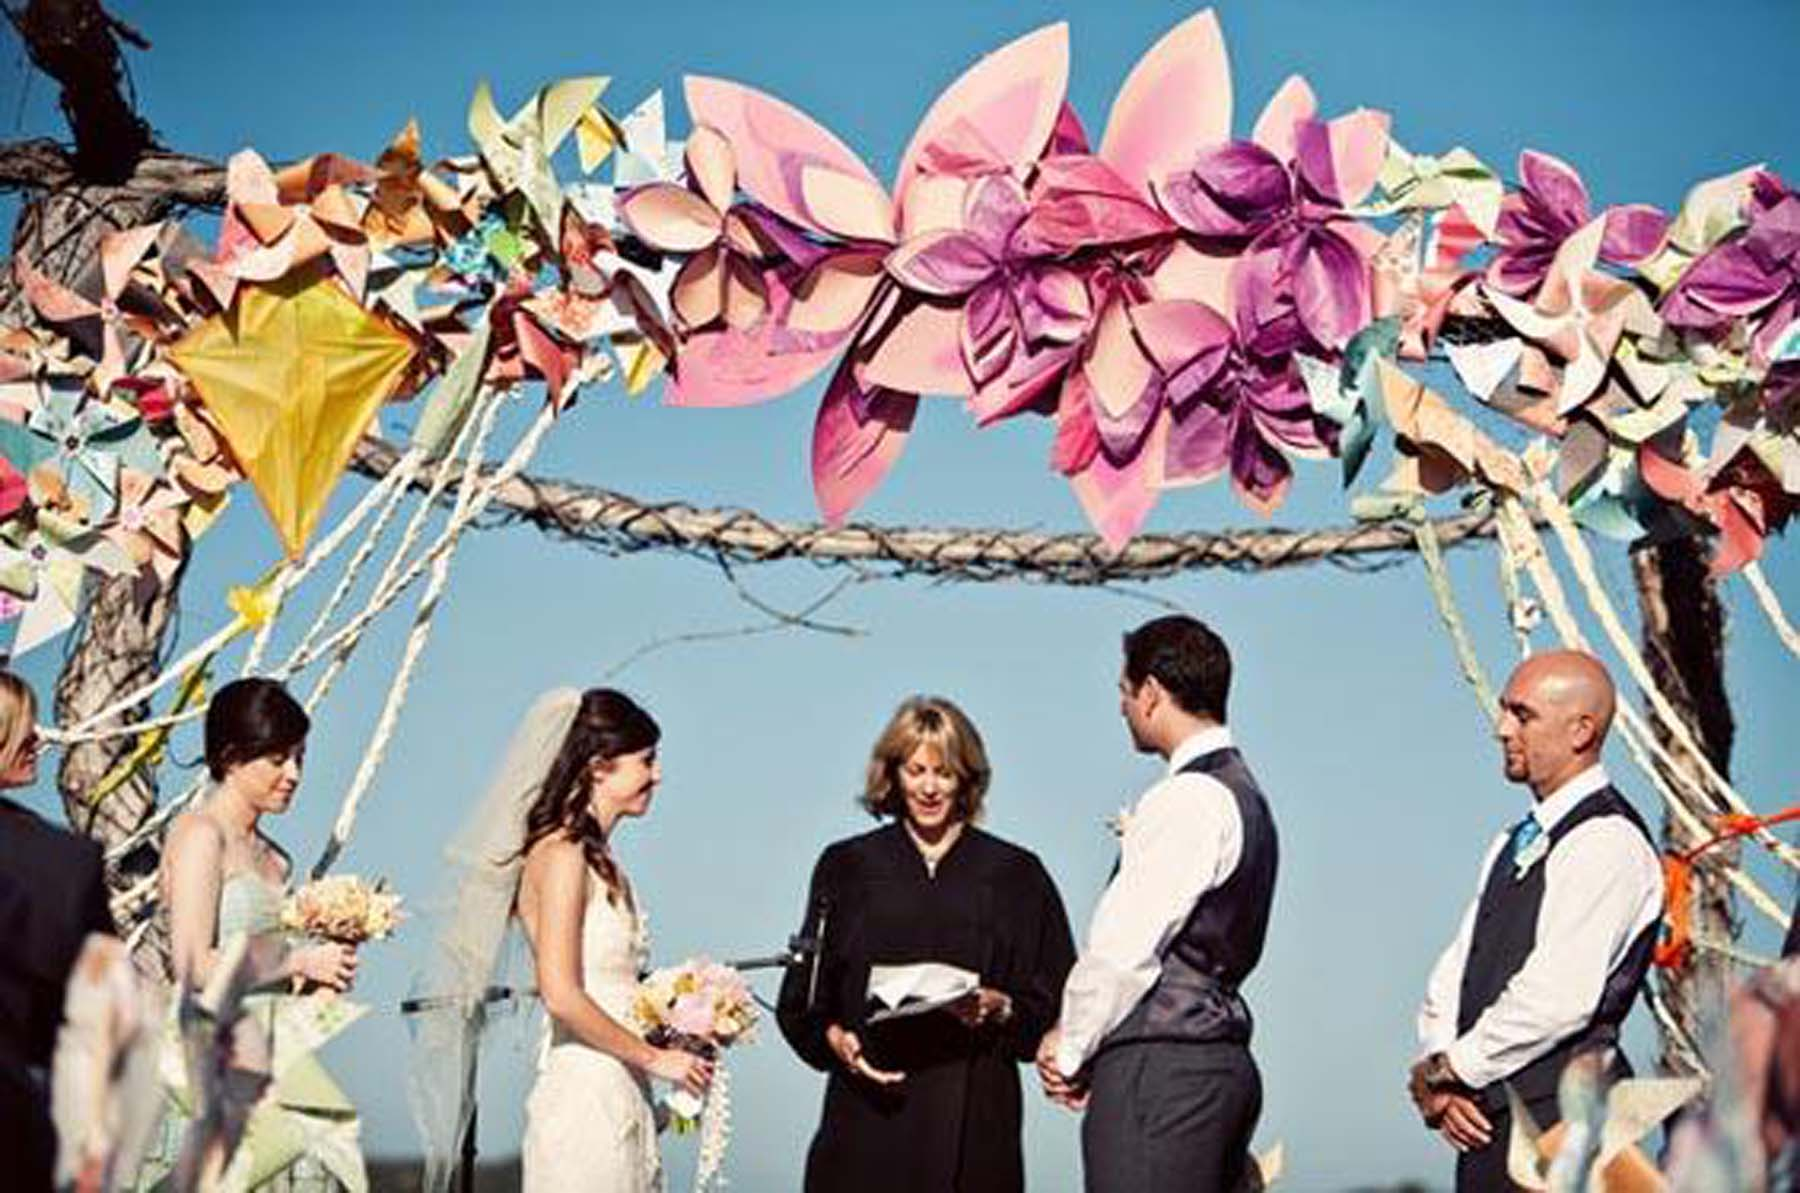 arco-boda-flores-papel-molinillos-viento-L-abonEt